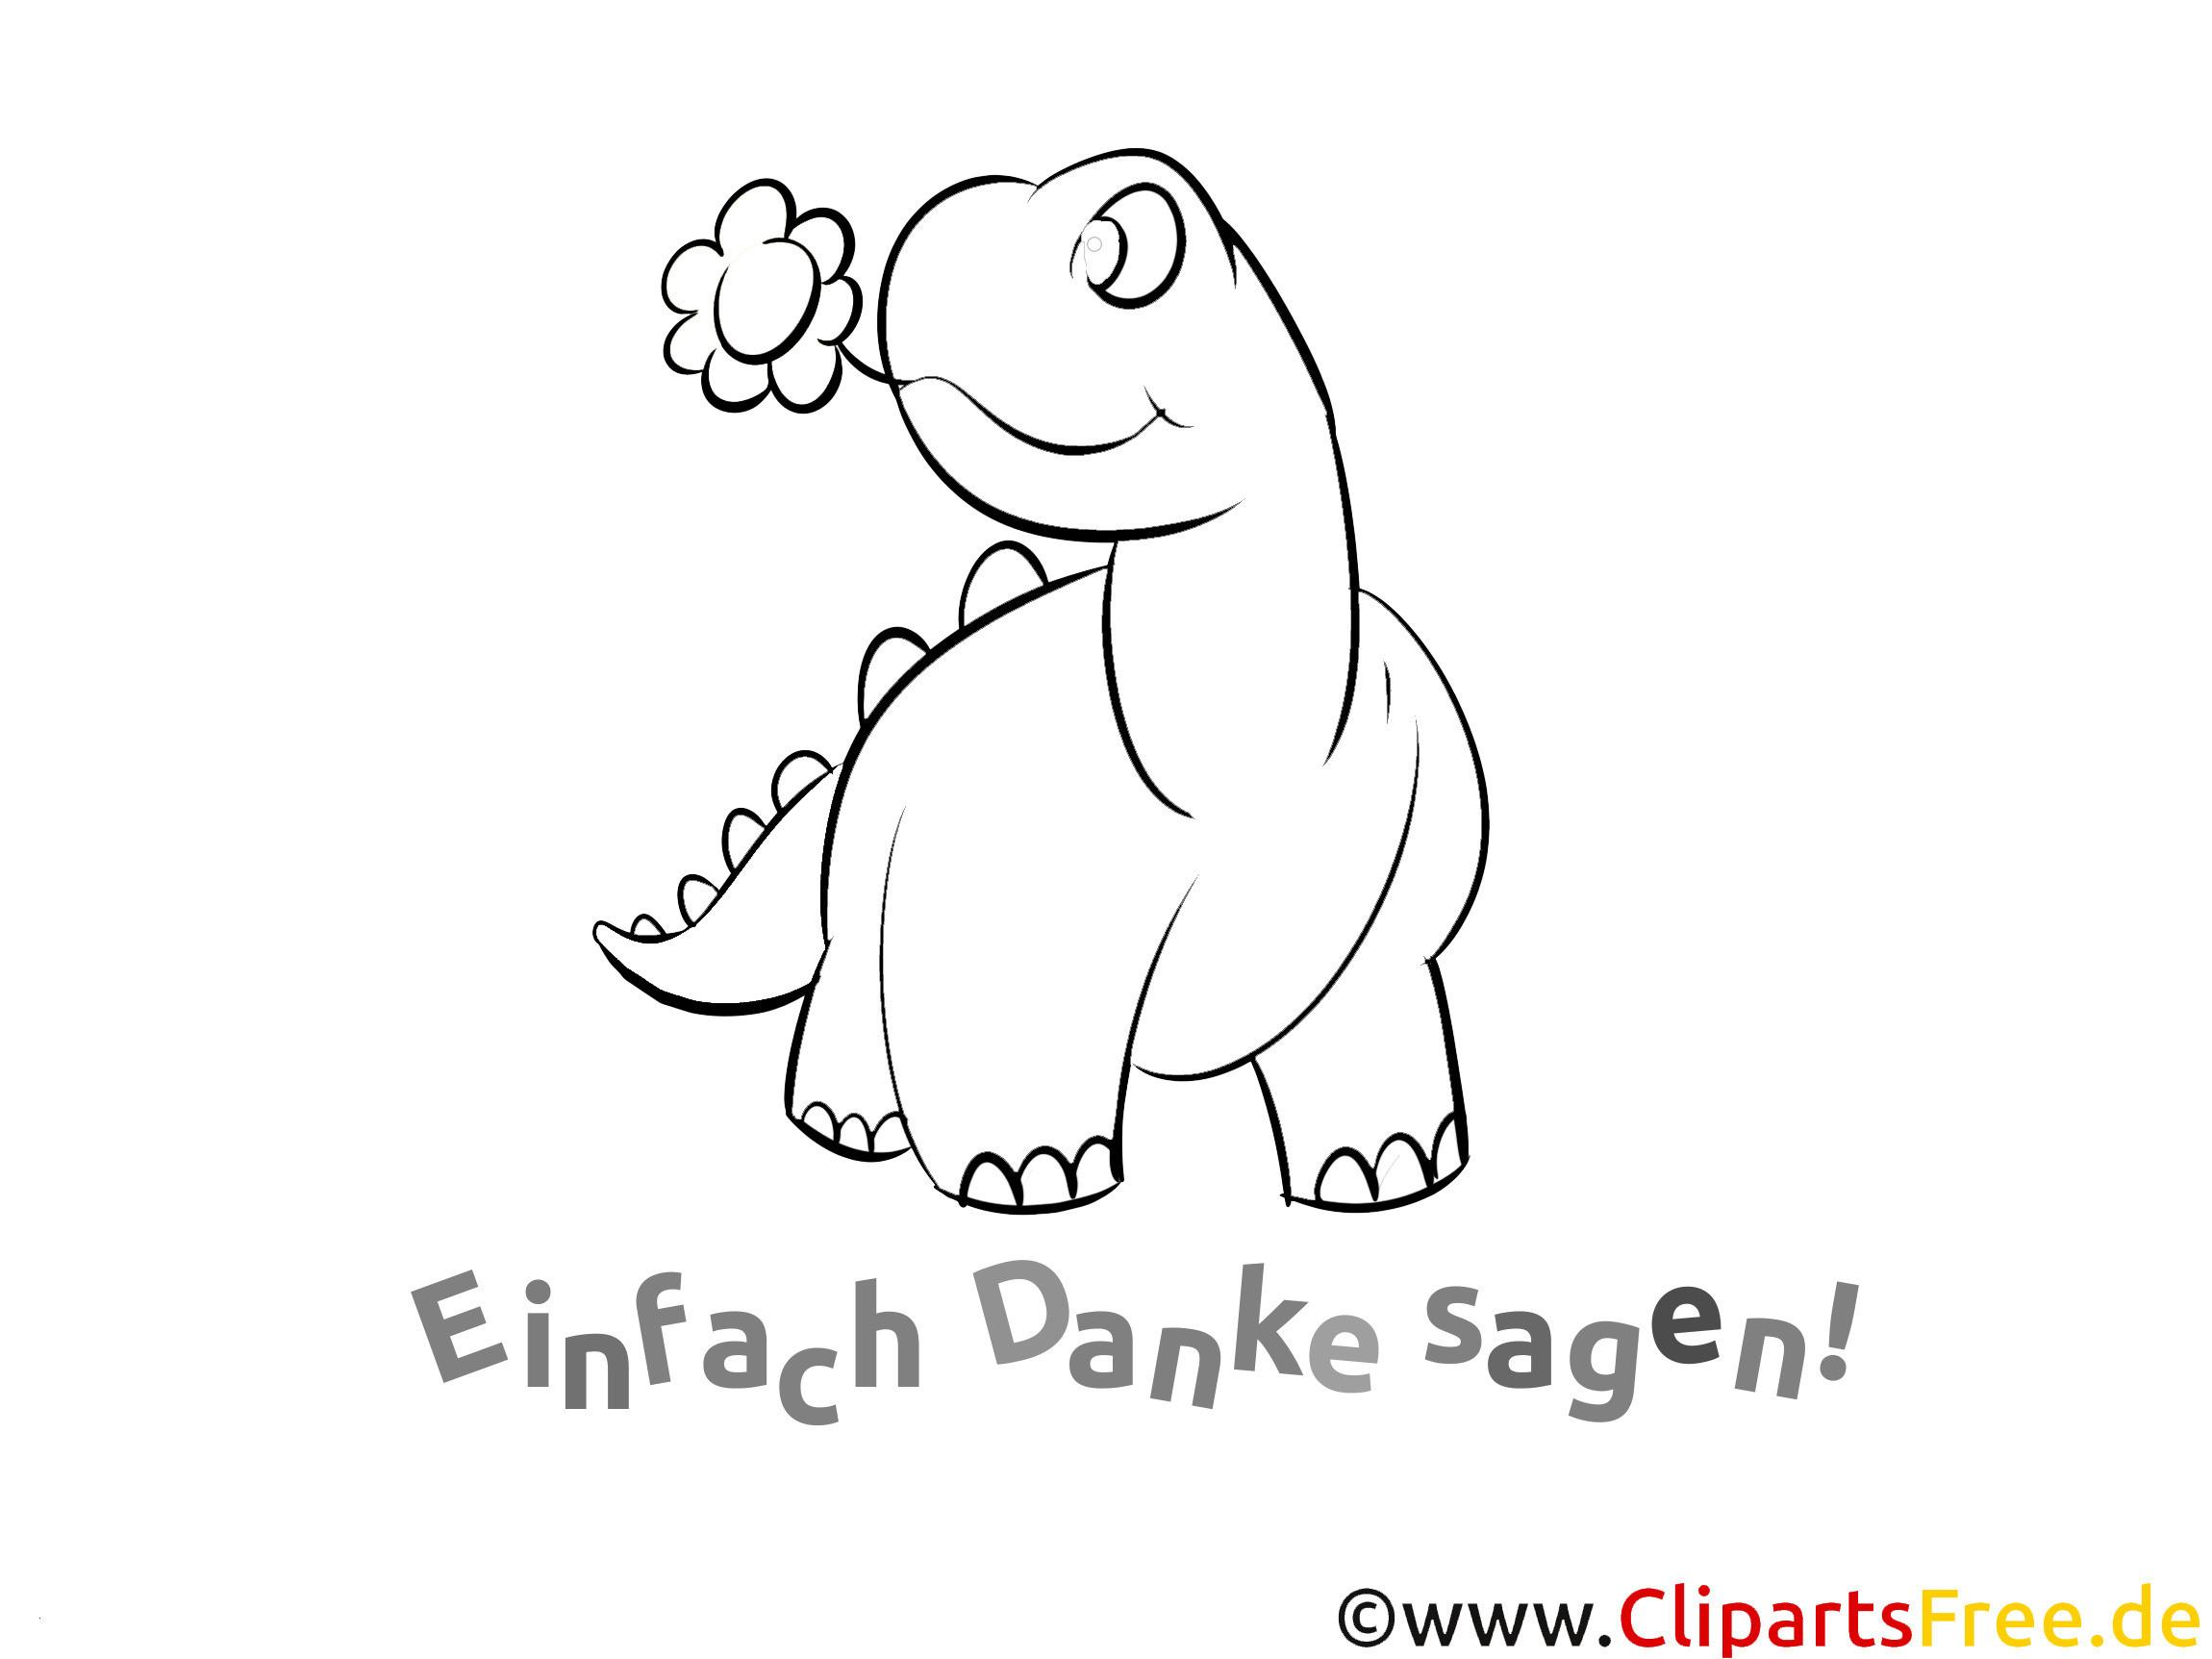 In Einem Land Vor Unserer Zeit Ausmalbilder Genial Malvorlagen Ostern Kostenlos Ausdrucken Frisch Dinosaurier Luxus Das Bild